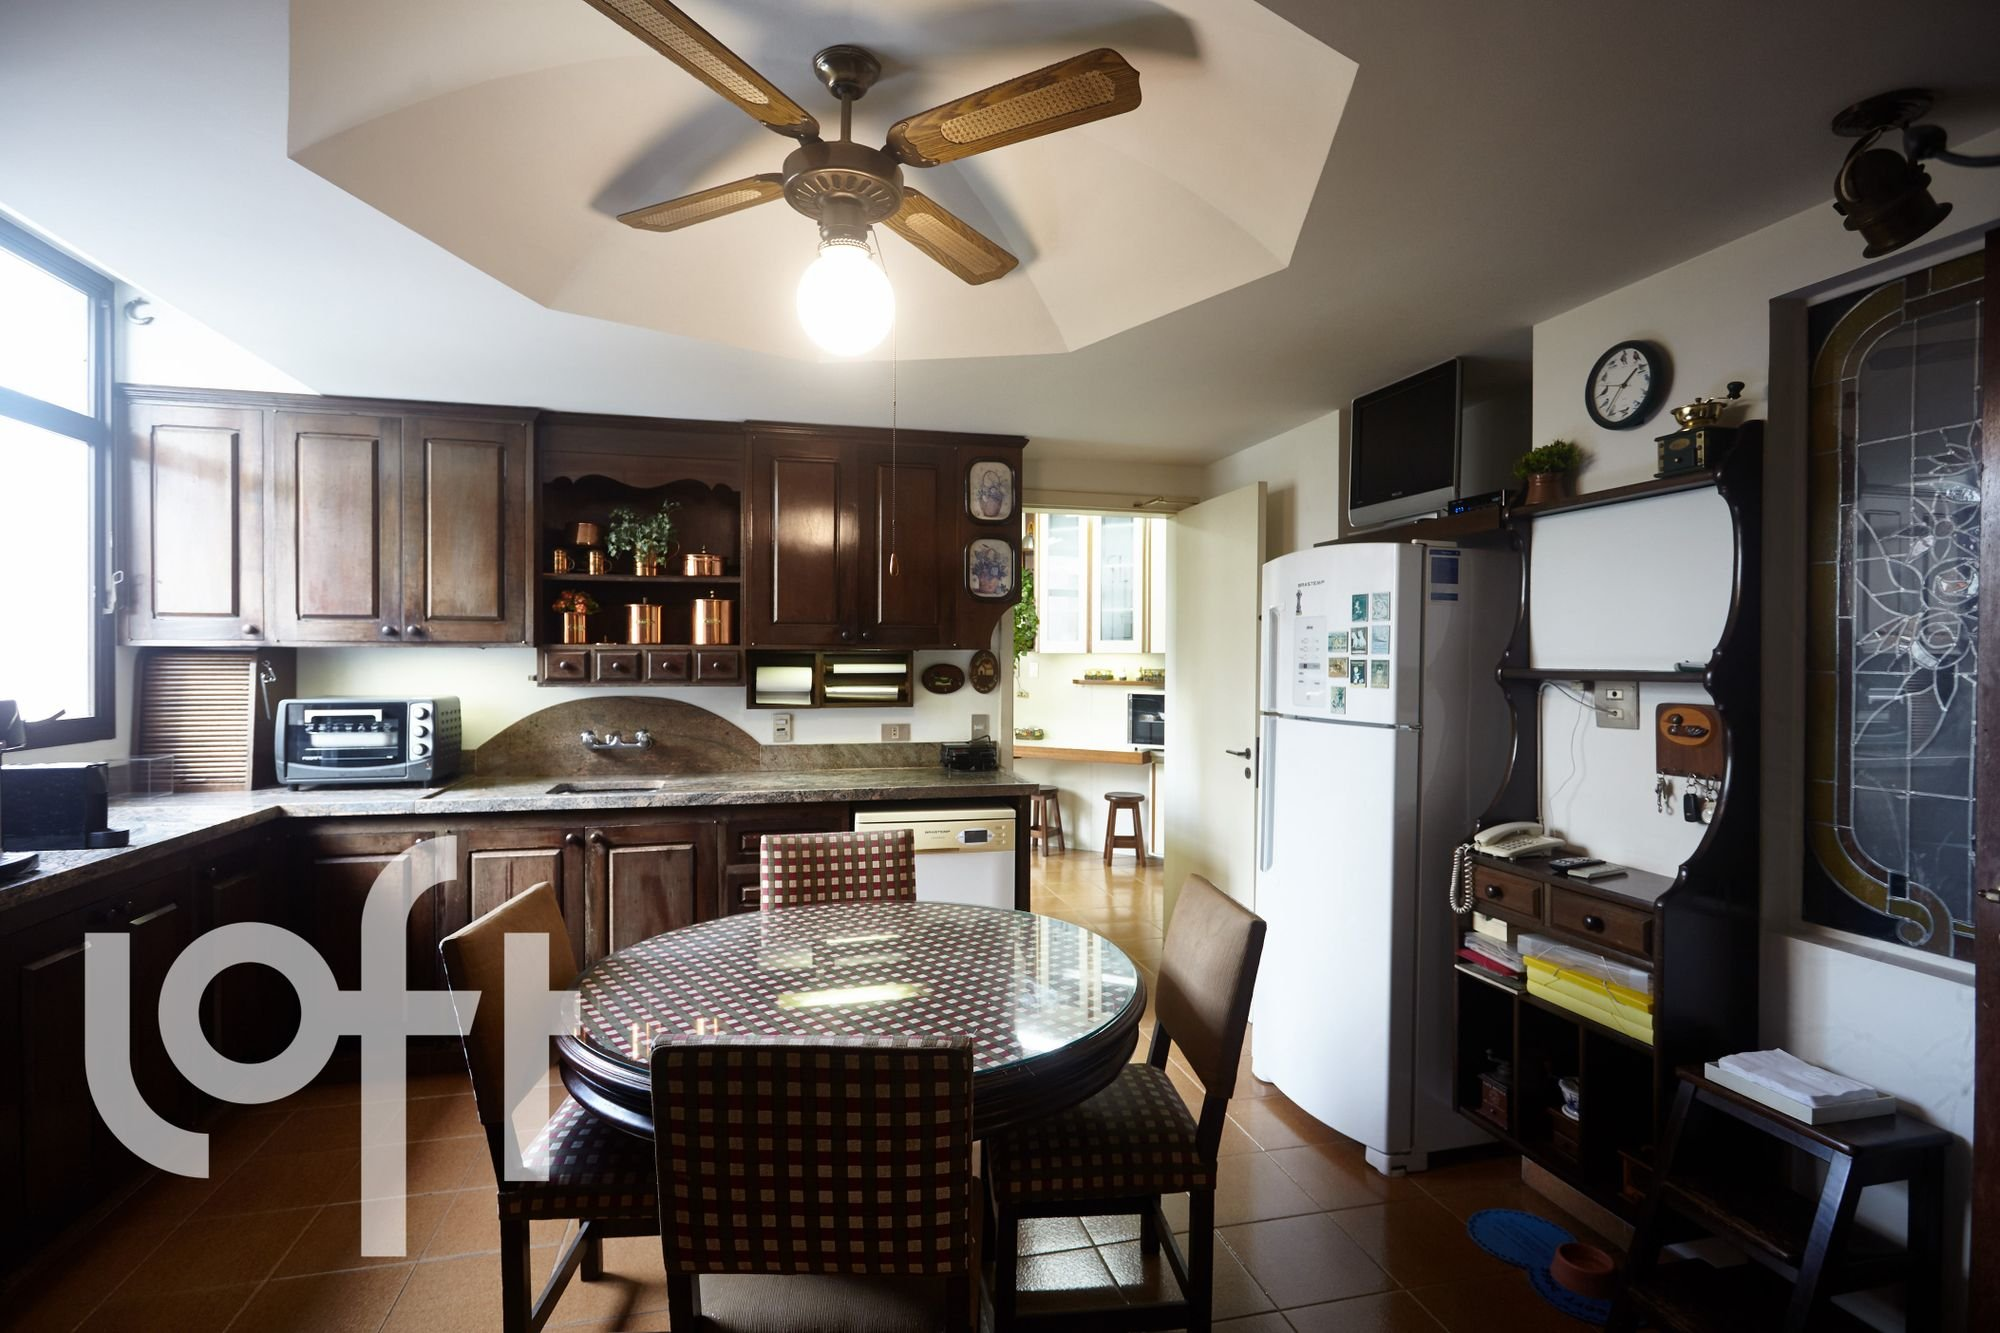 Foto de Cozinha com vaso de planta, televisão, relógio, geladeira, cadeira, mesa de jantar